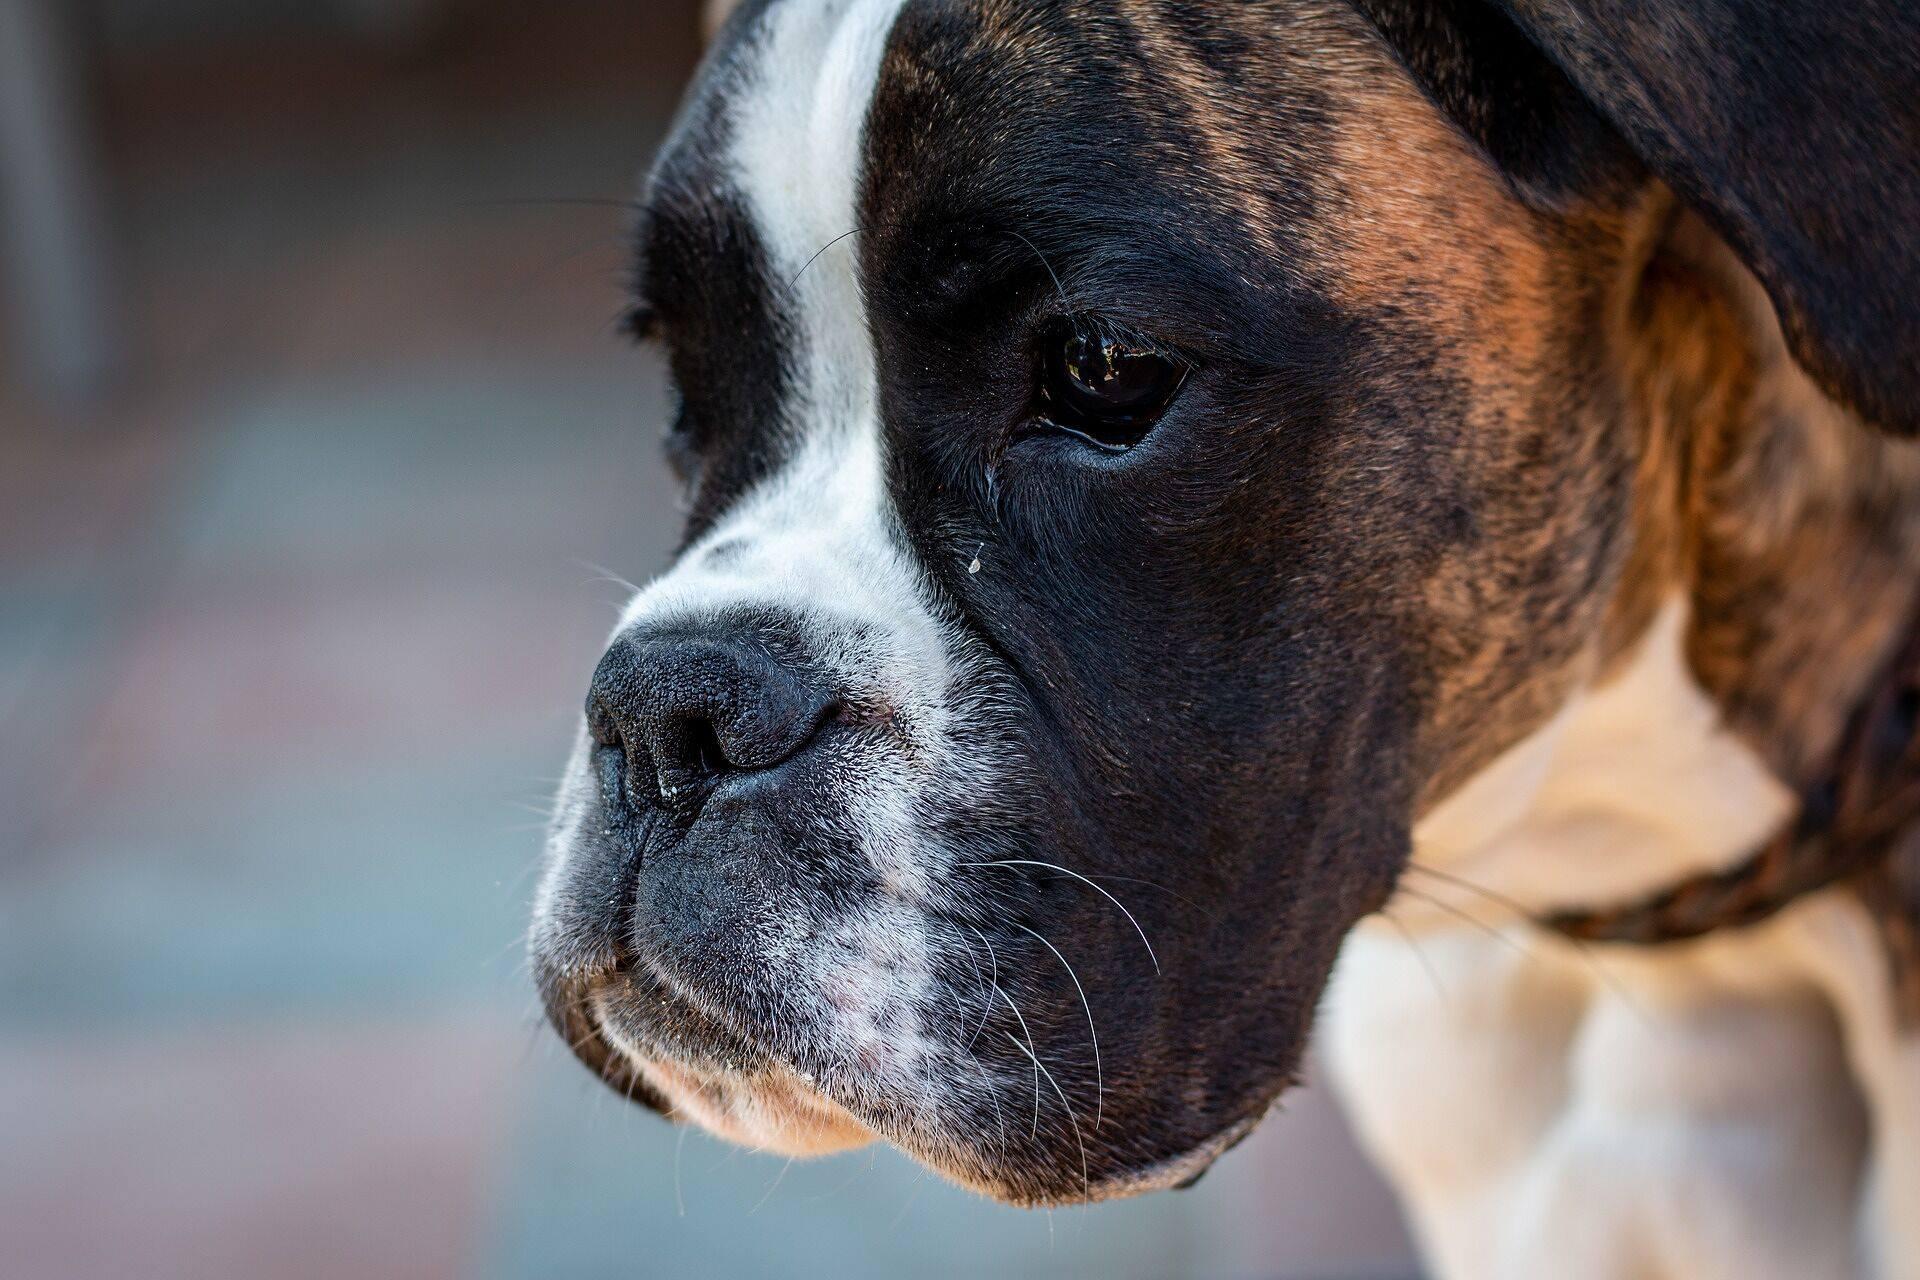 boxer dog animal pet portrait